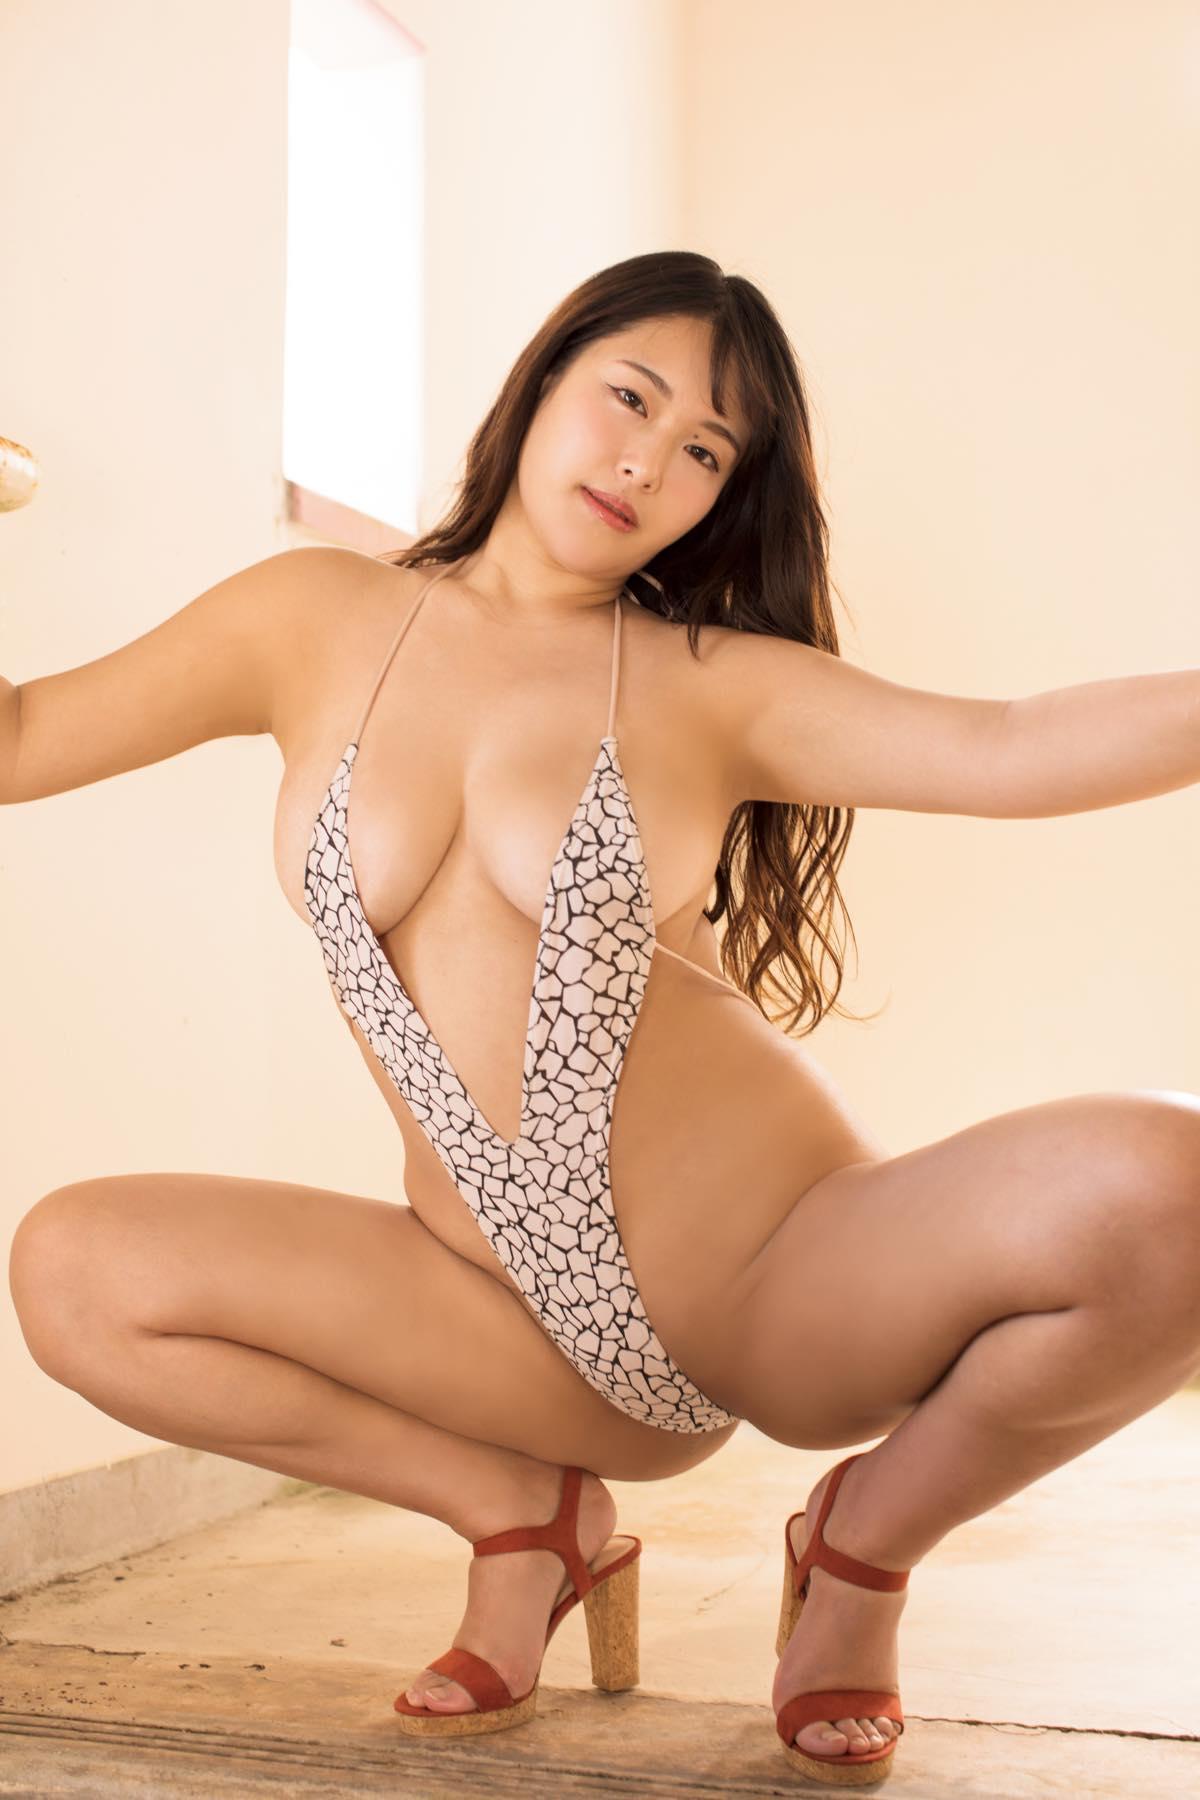 秋山かほ「胸が大きすぎてチェーンがちぎれちゃいました」【写真12枚】の画像002